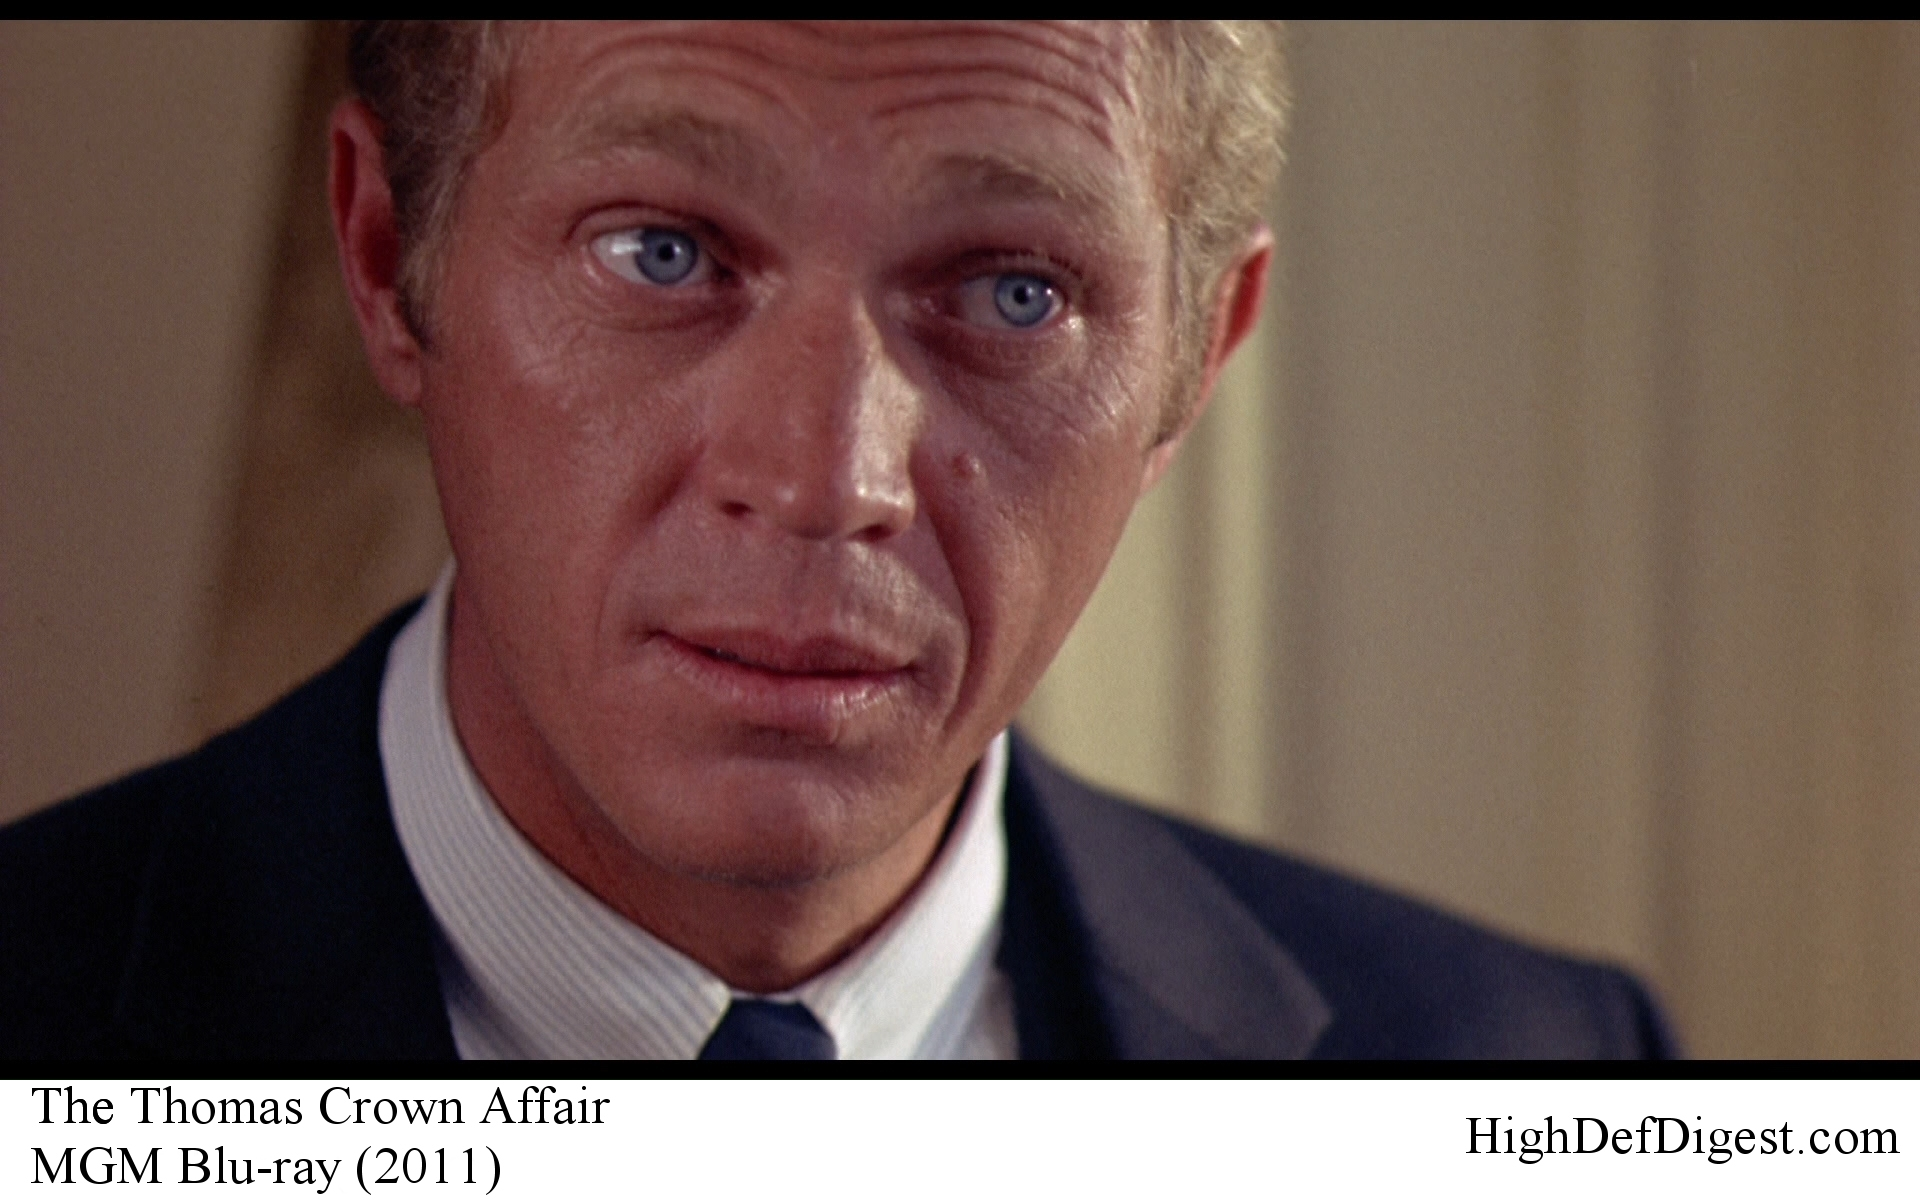 The Thomas Crown Affair - Steve McQueen Comparison MGM